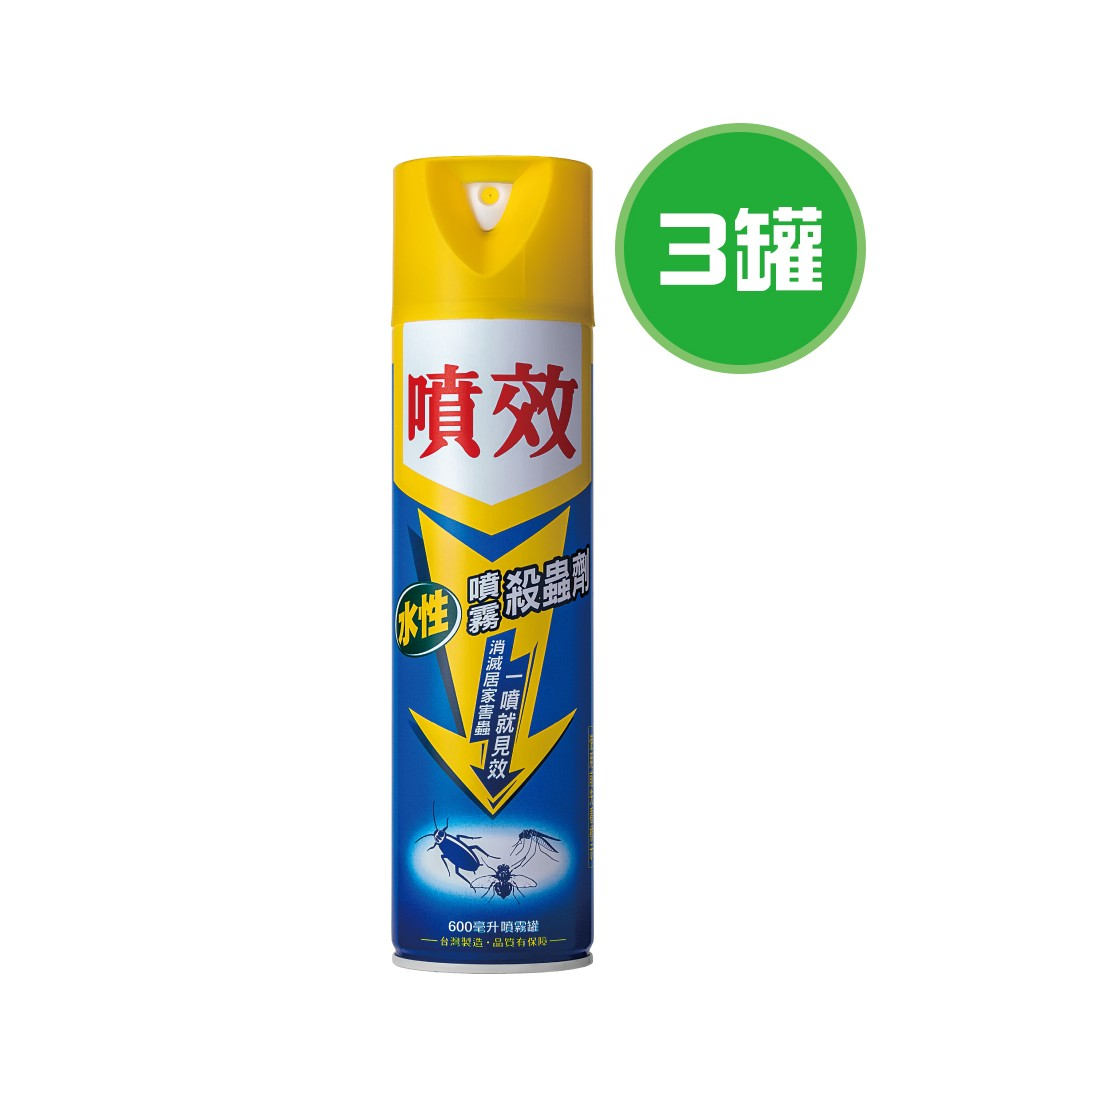 義美 小泡芙-牛奶 6盒(57g/盒)